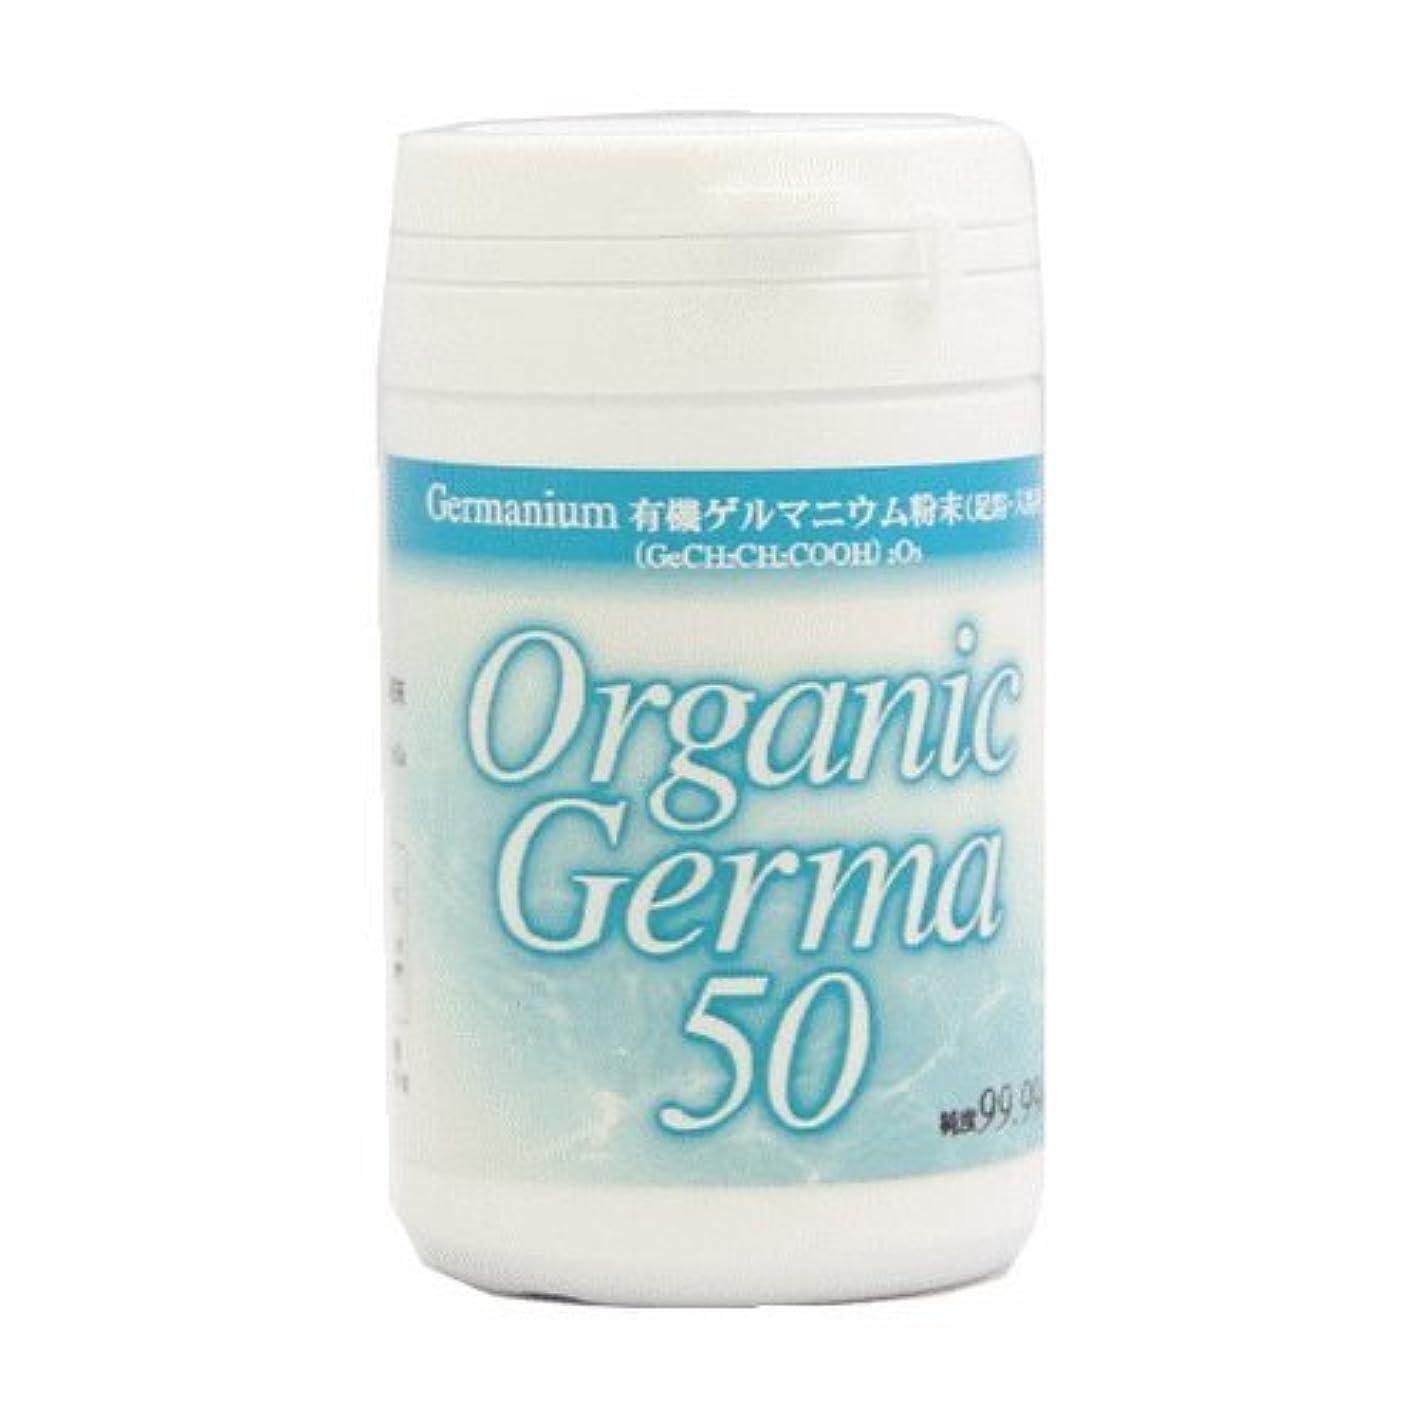 消去チキン夢中【有機 ゲルマニウム 粉末 50g (Ge-132) 99.99% 温浴用】 ゲルマ パウダー